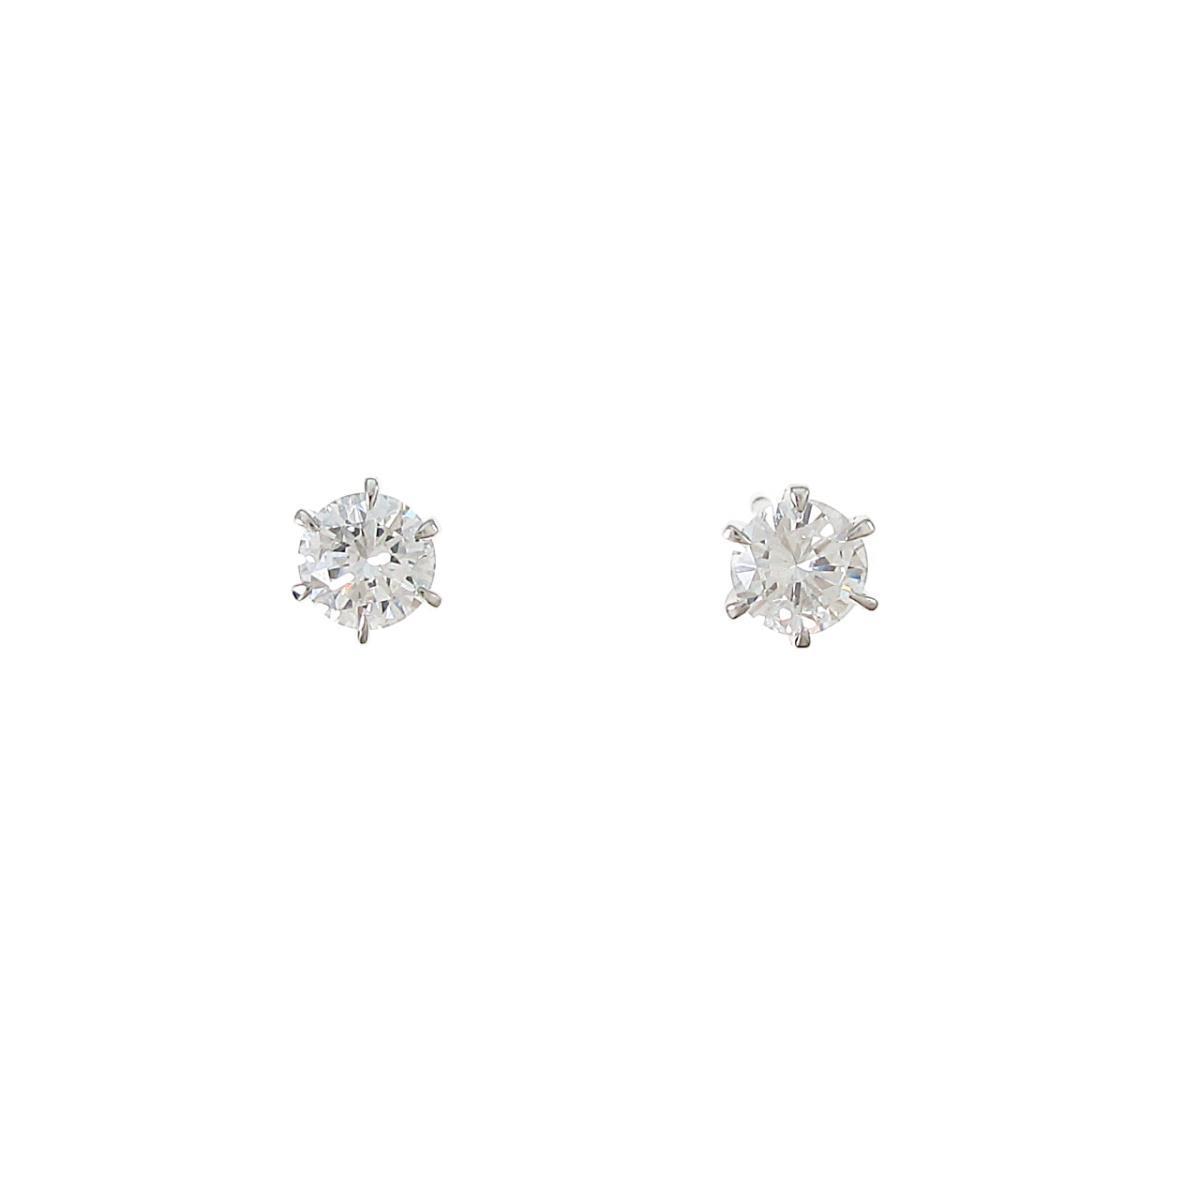 【リメイク】プラチナ/ST ダイヤモンドピアス 0.282ct・0.282ct・G-H・VS1-2・GOOD【中古】